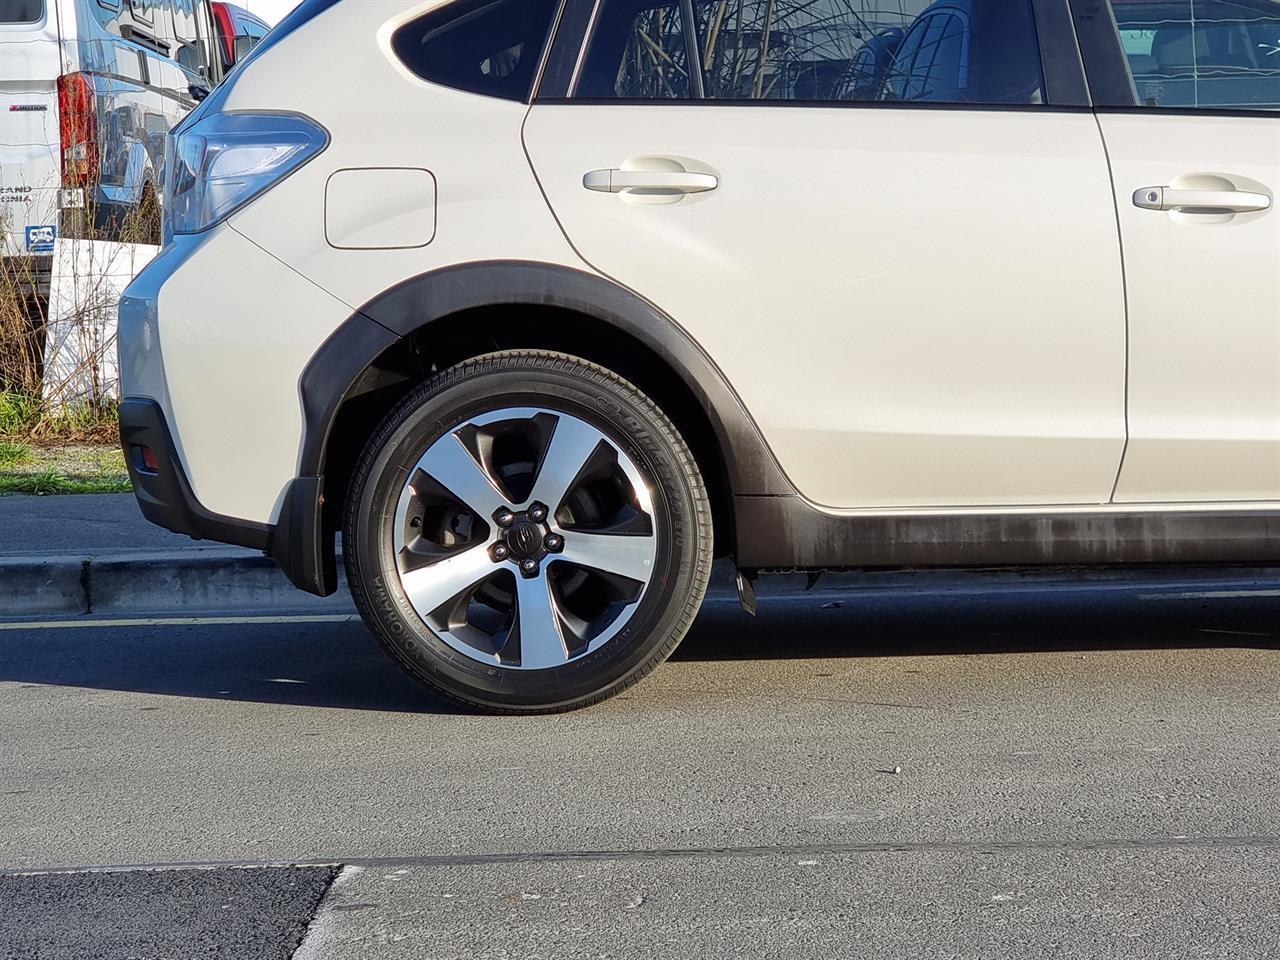 image-8, 2014 Subaru XV Hybrid 4WD at Christchurch